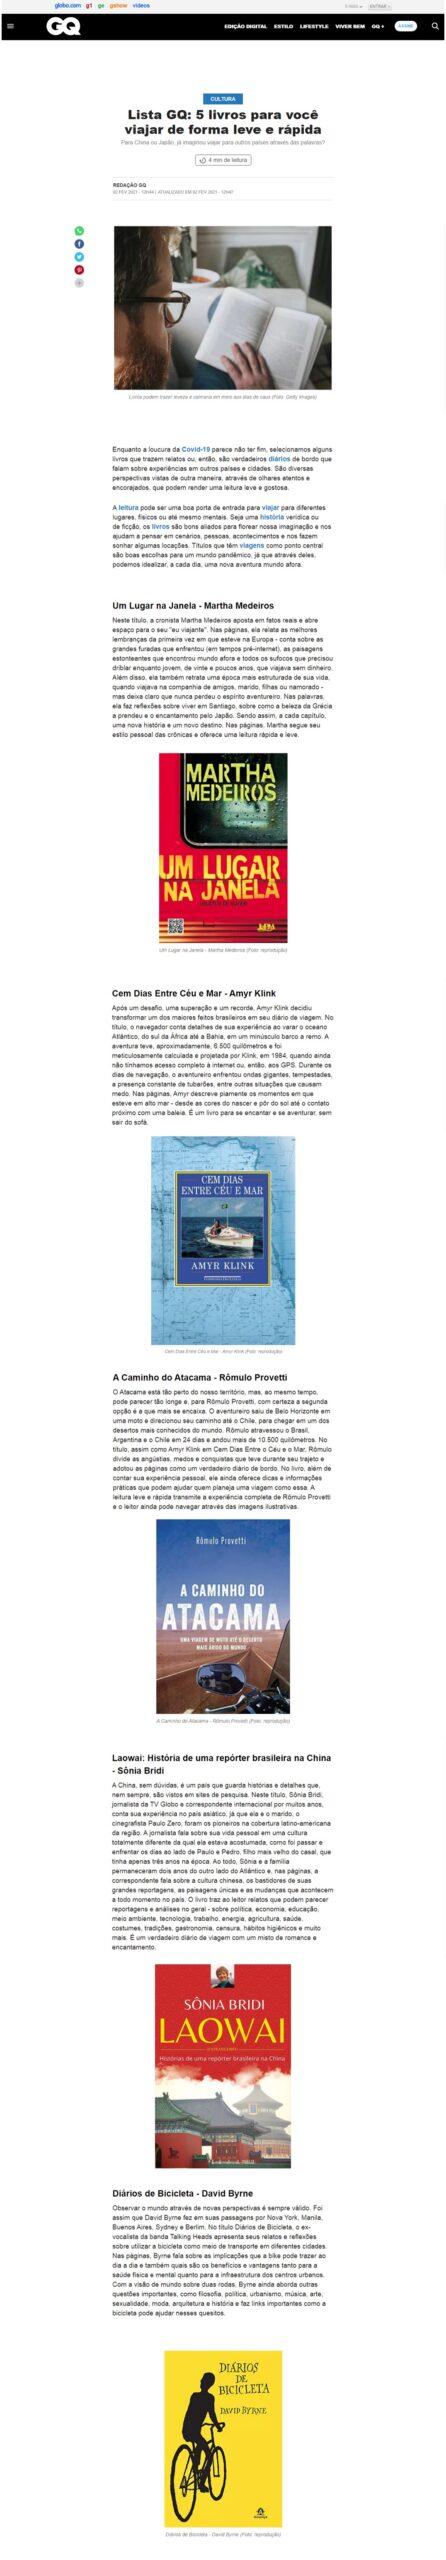 Lista GQ: 5 livros para você viajar de forma leve e rápida